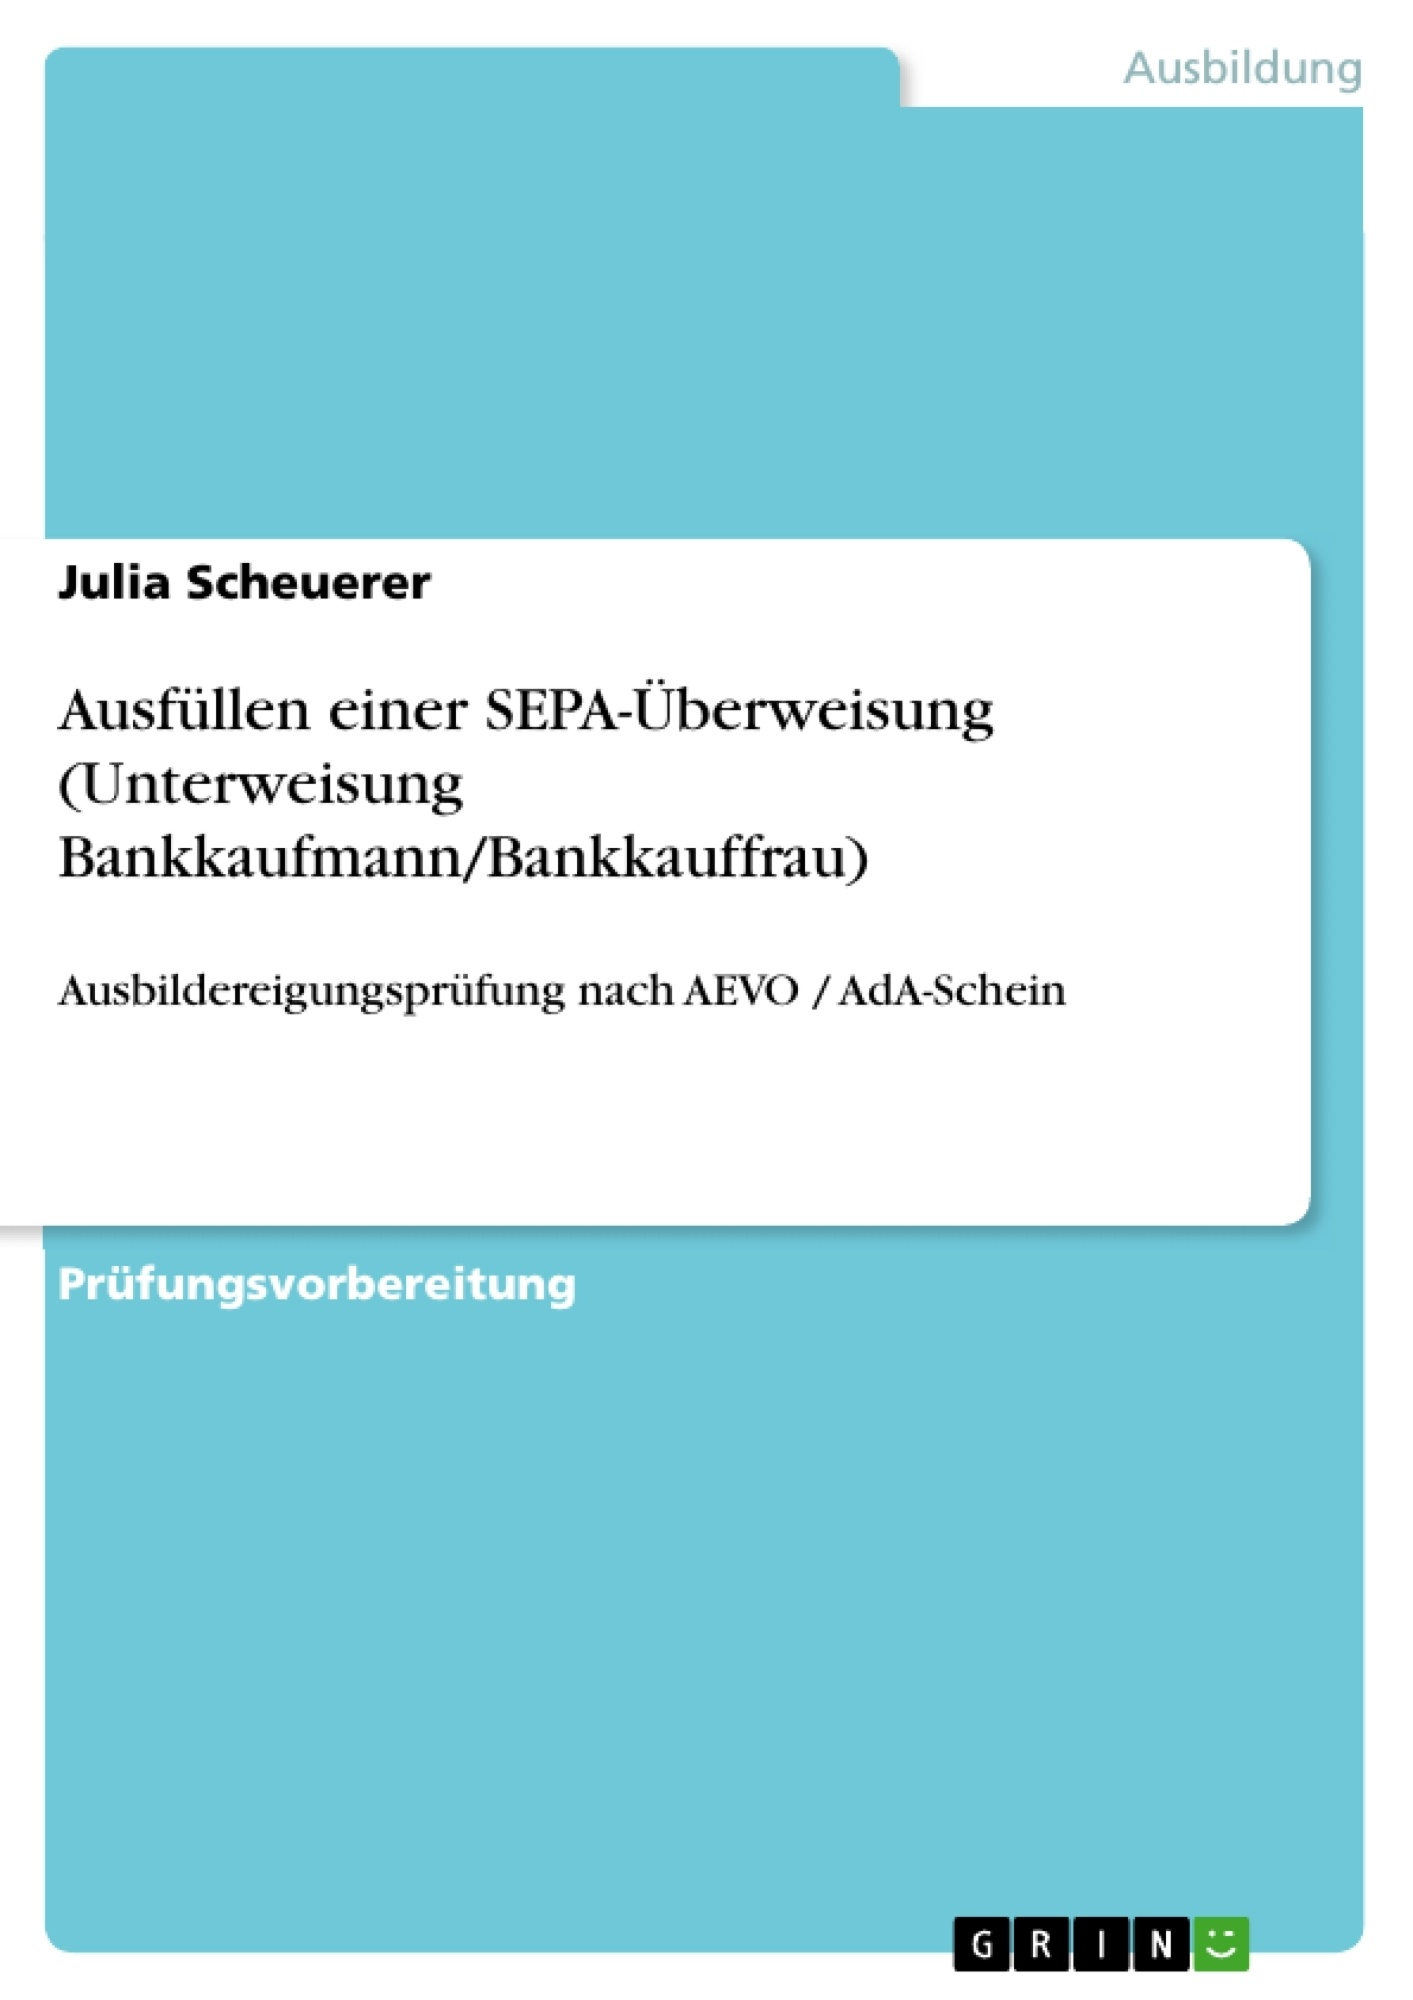 Titel: Ausfüllen einer SEPA-Überweisung (Unterweisung Bankkaufmann/Bankkauffrau)